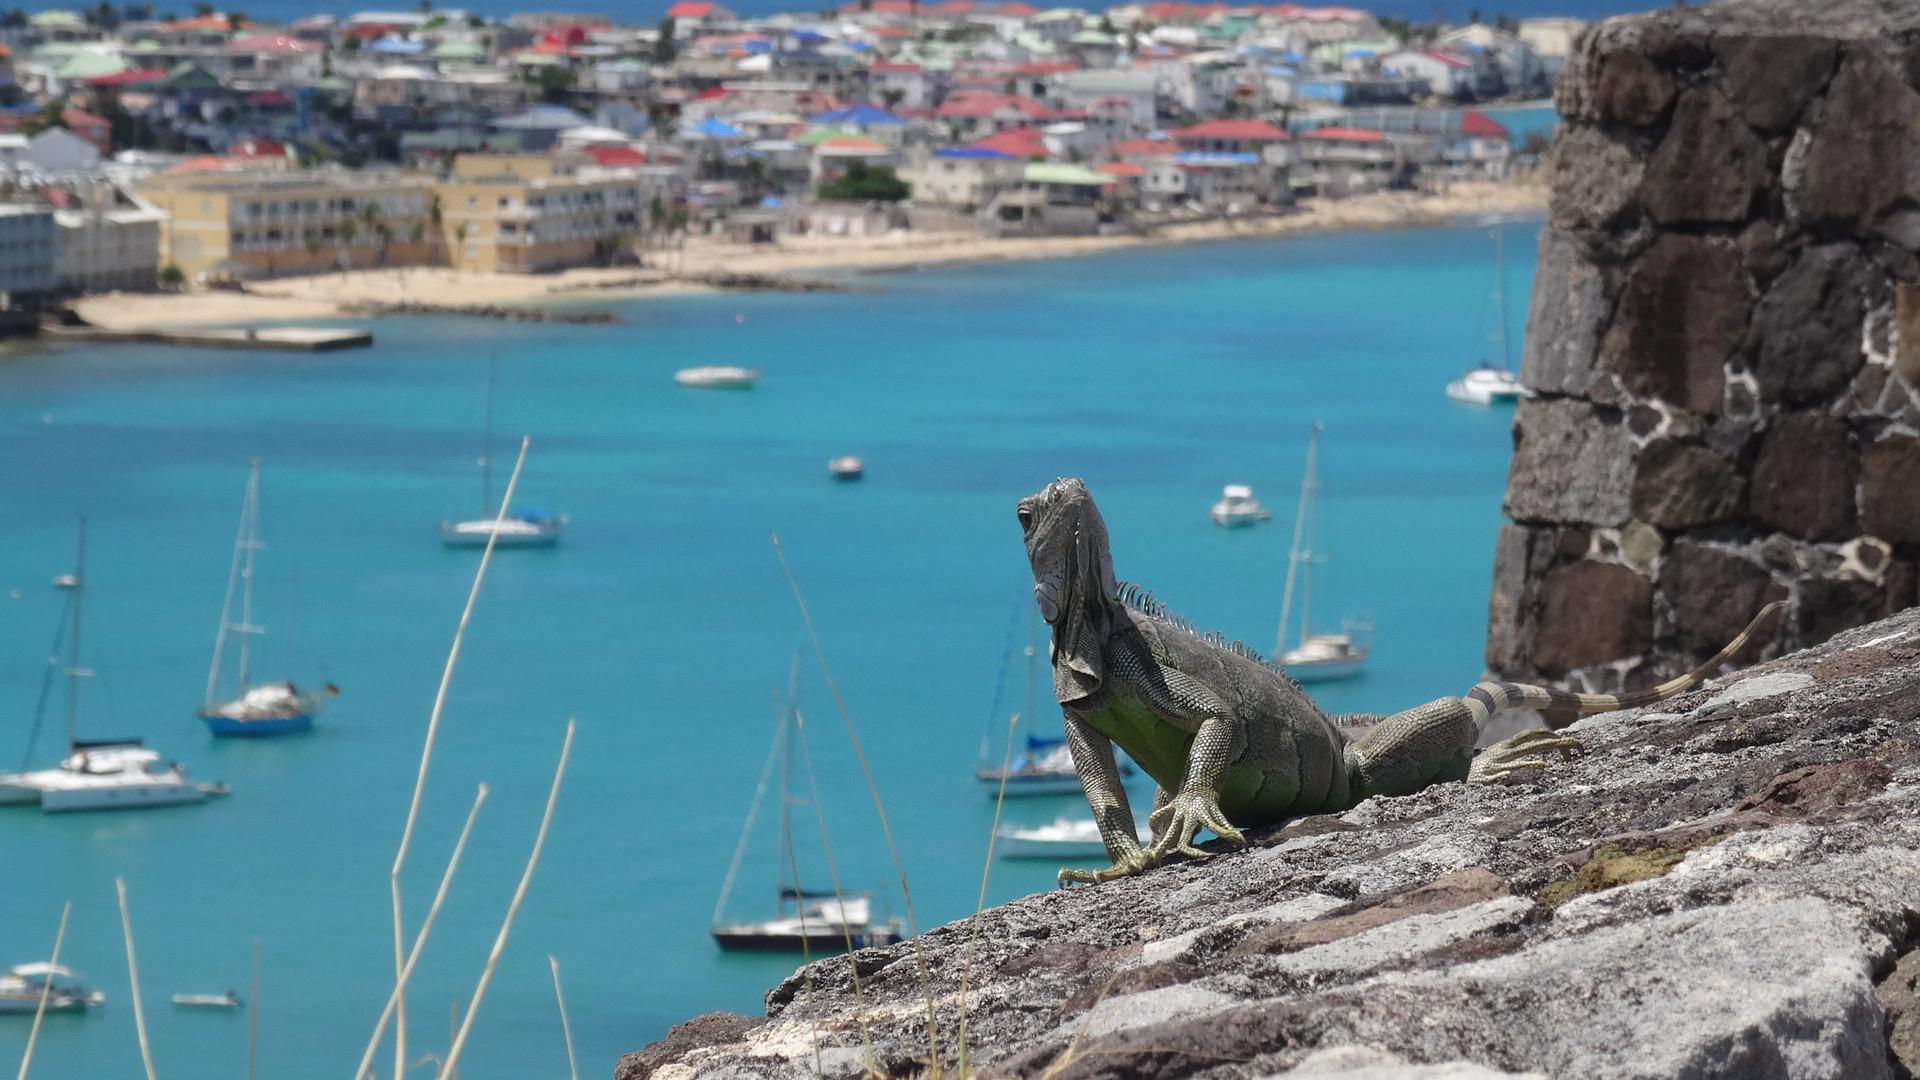 3. Iguana at Fort Louis